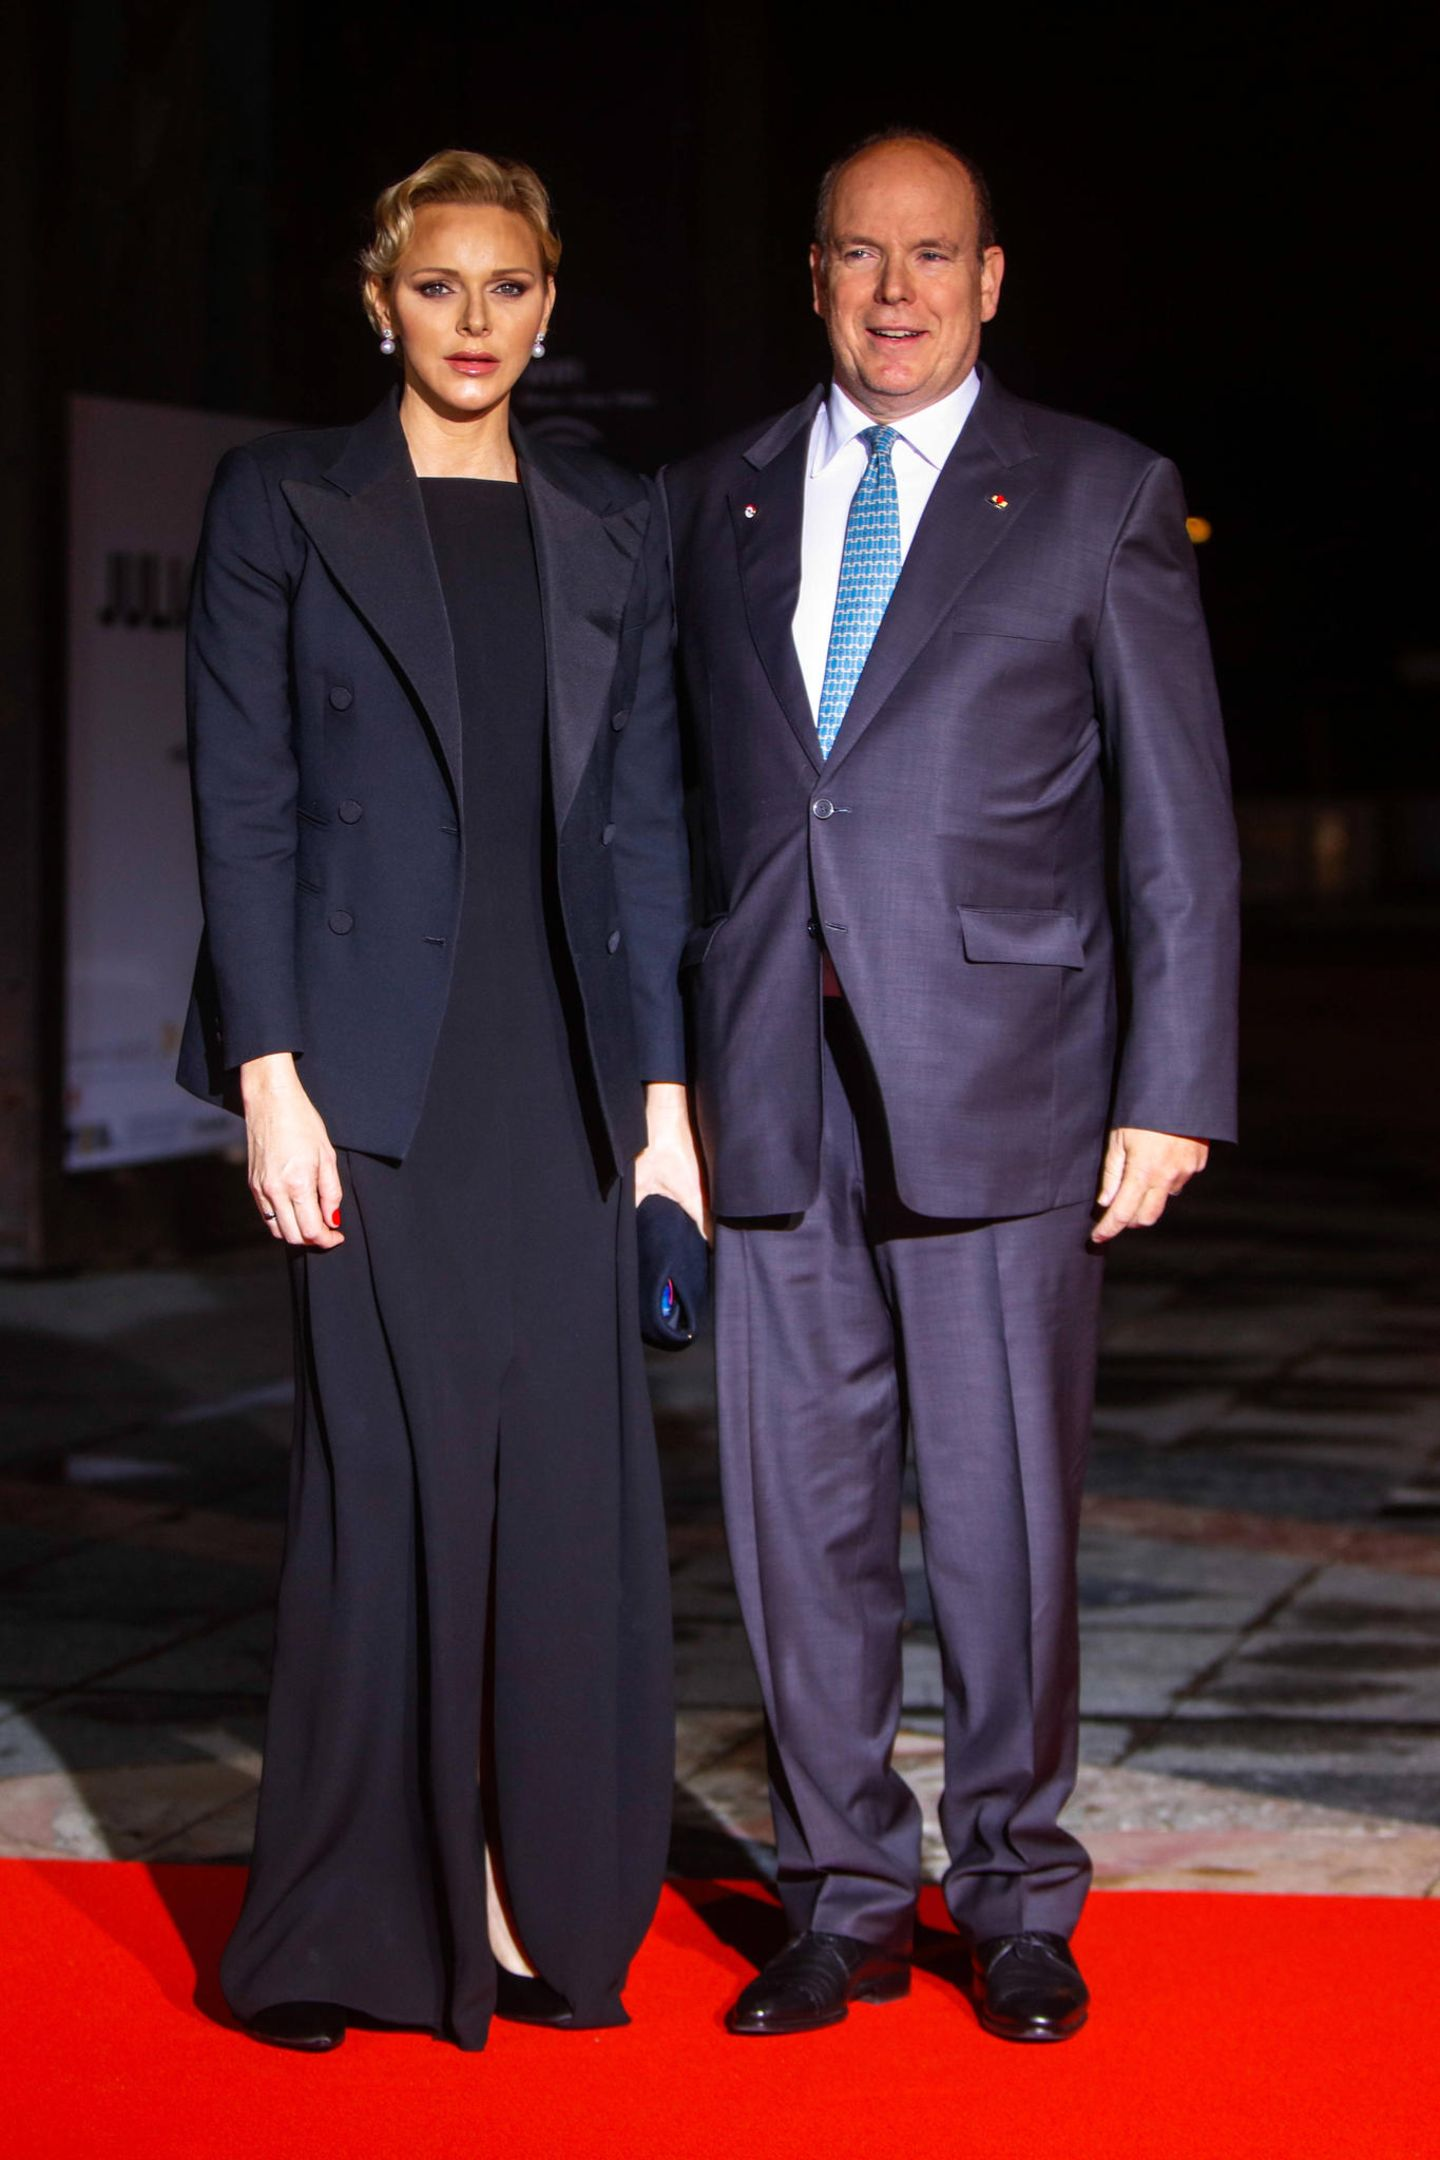 Zum Staatsdinner in Paris zeigt sich Fürstin Charlène in einer bodenlangen Abendrobe mit sexy Beinschlitz. Dazu kombiniert sie einen Blazer.